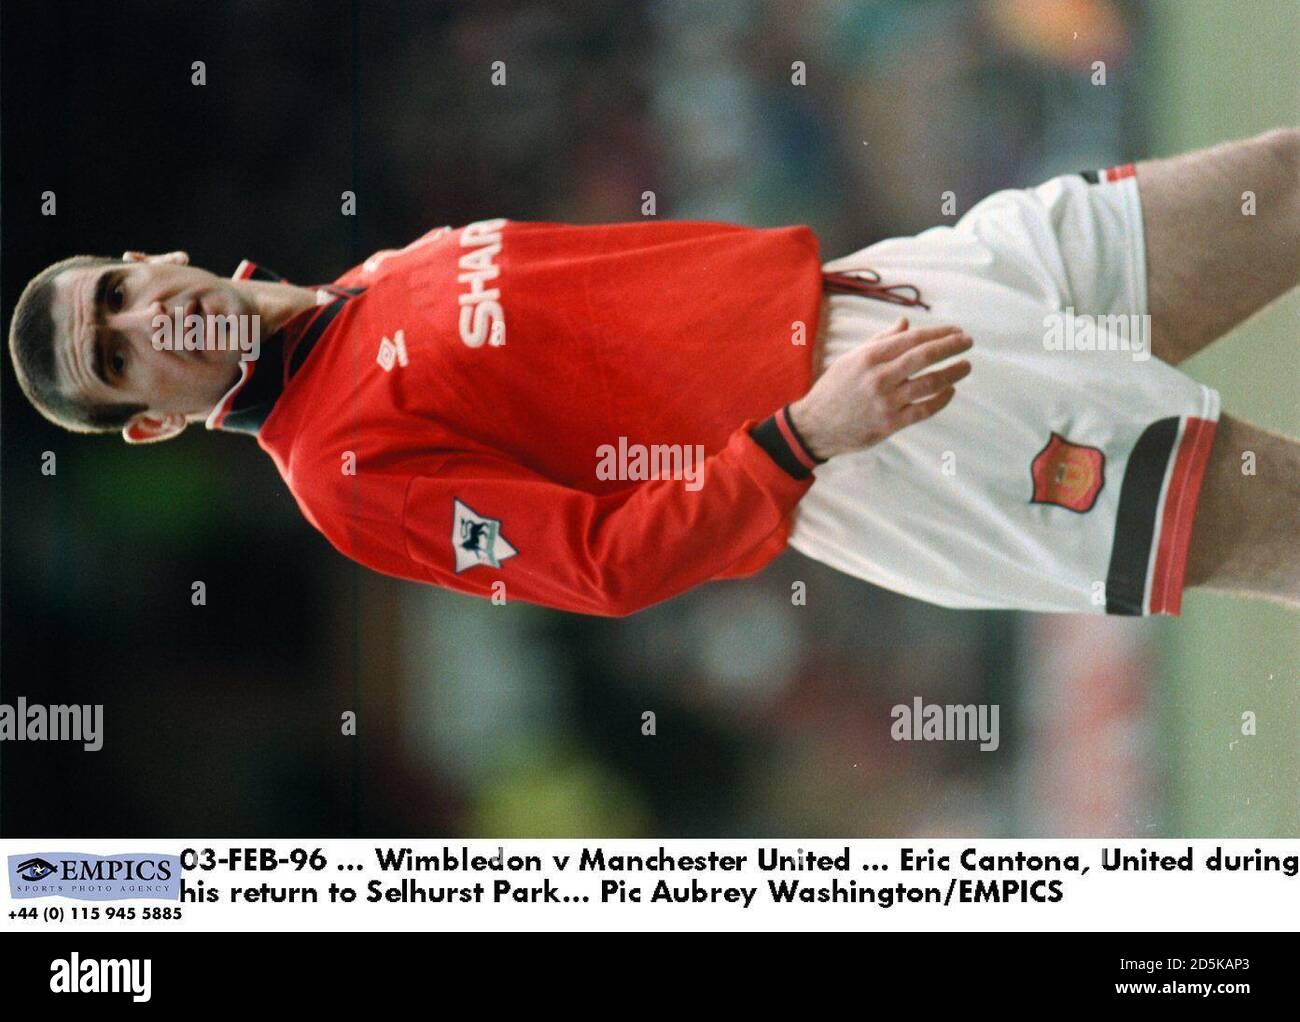 Han avslutade karriären i manchester. Wimbledon Eric Cantona High Resolution Stock Photography And Images Alamy